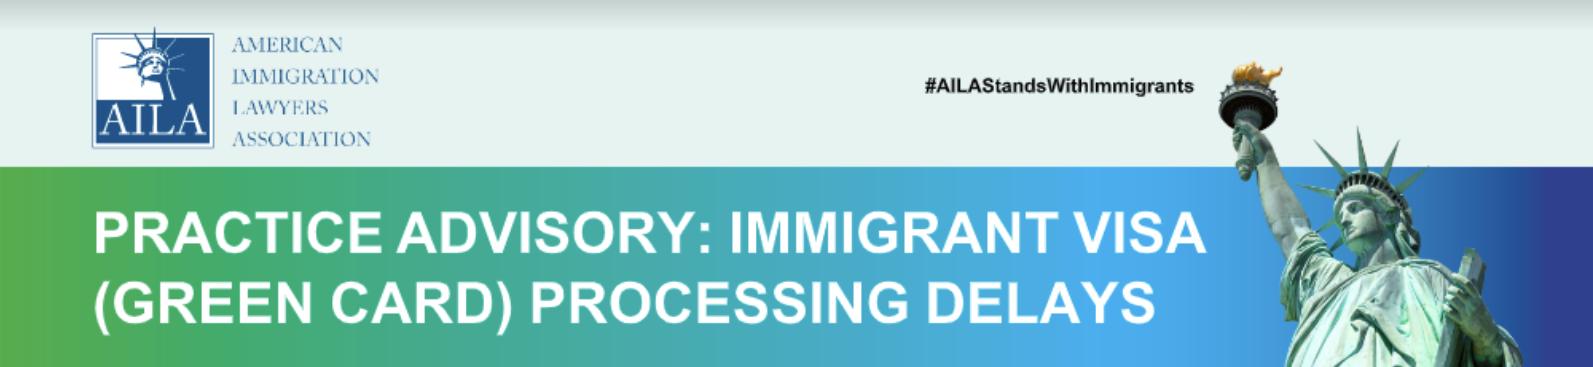 Asesoramiento de práctica de AILA: Encabezado de demora en el procesamiento de inmigración (tarjeta verde)